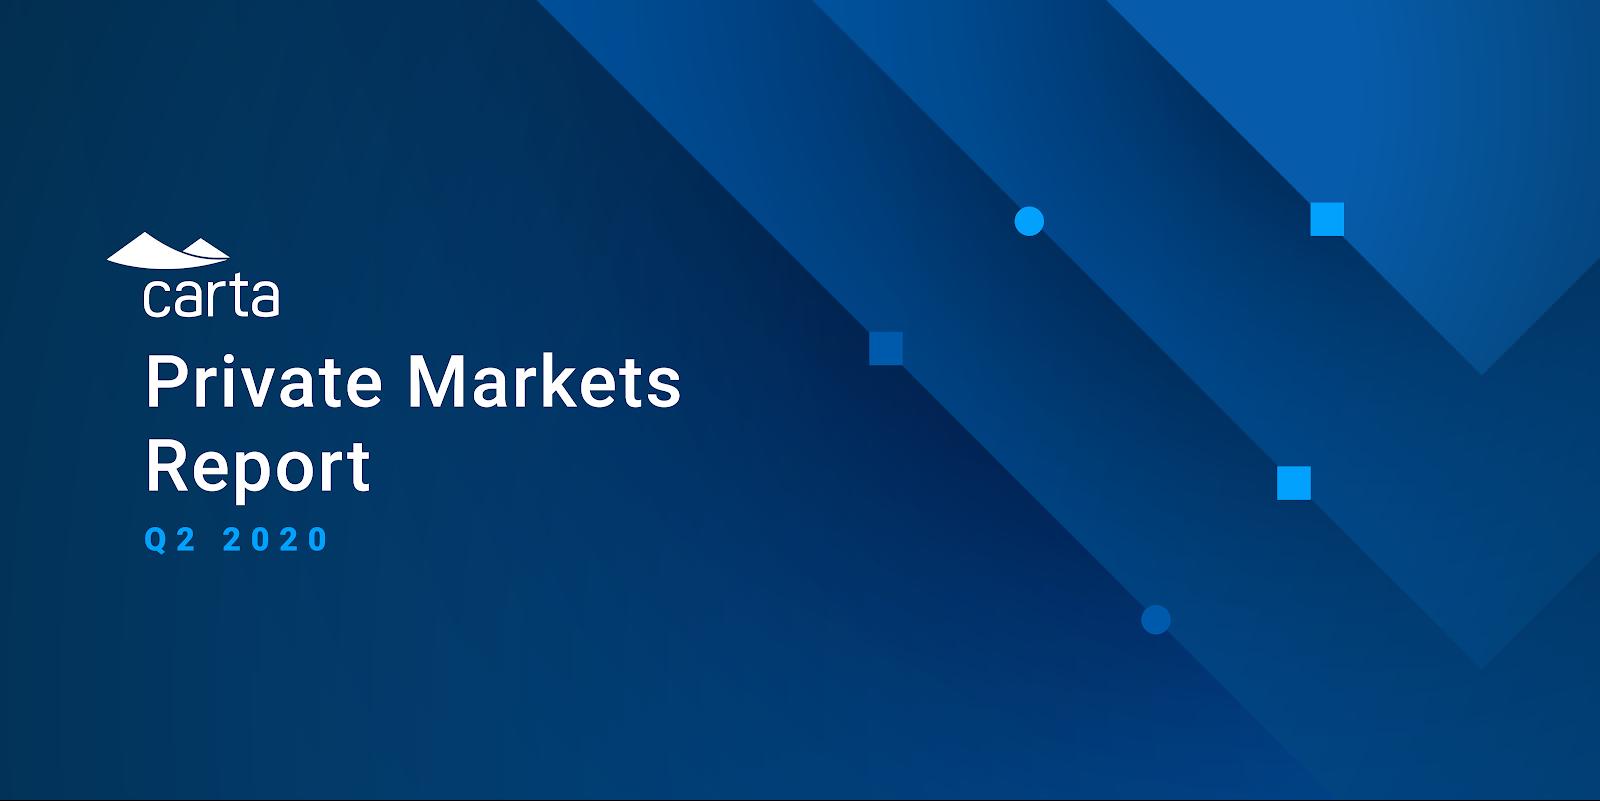 Carta's private markets report Q2 2020